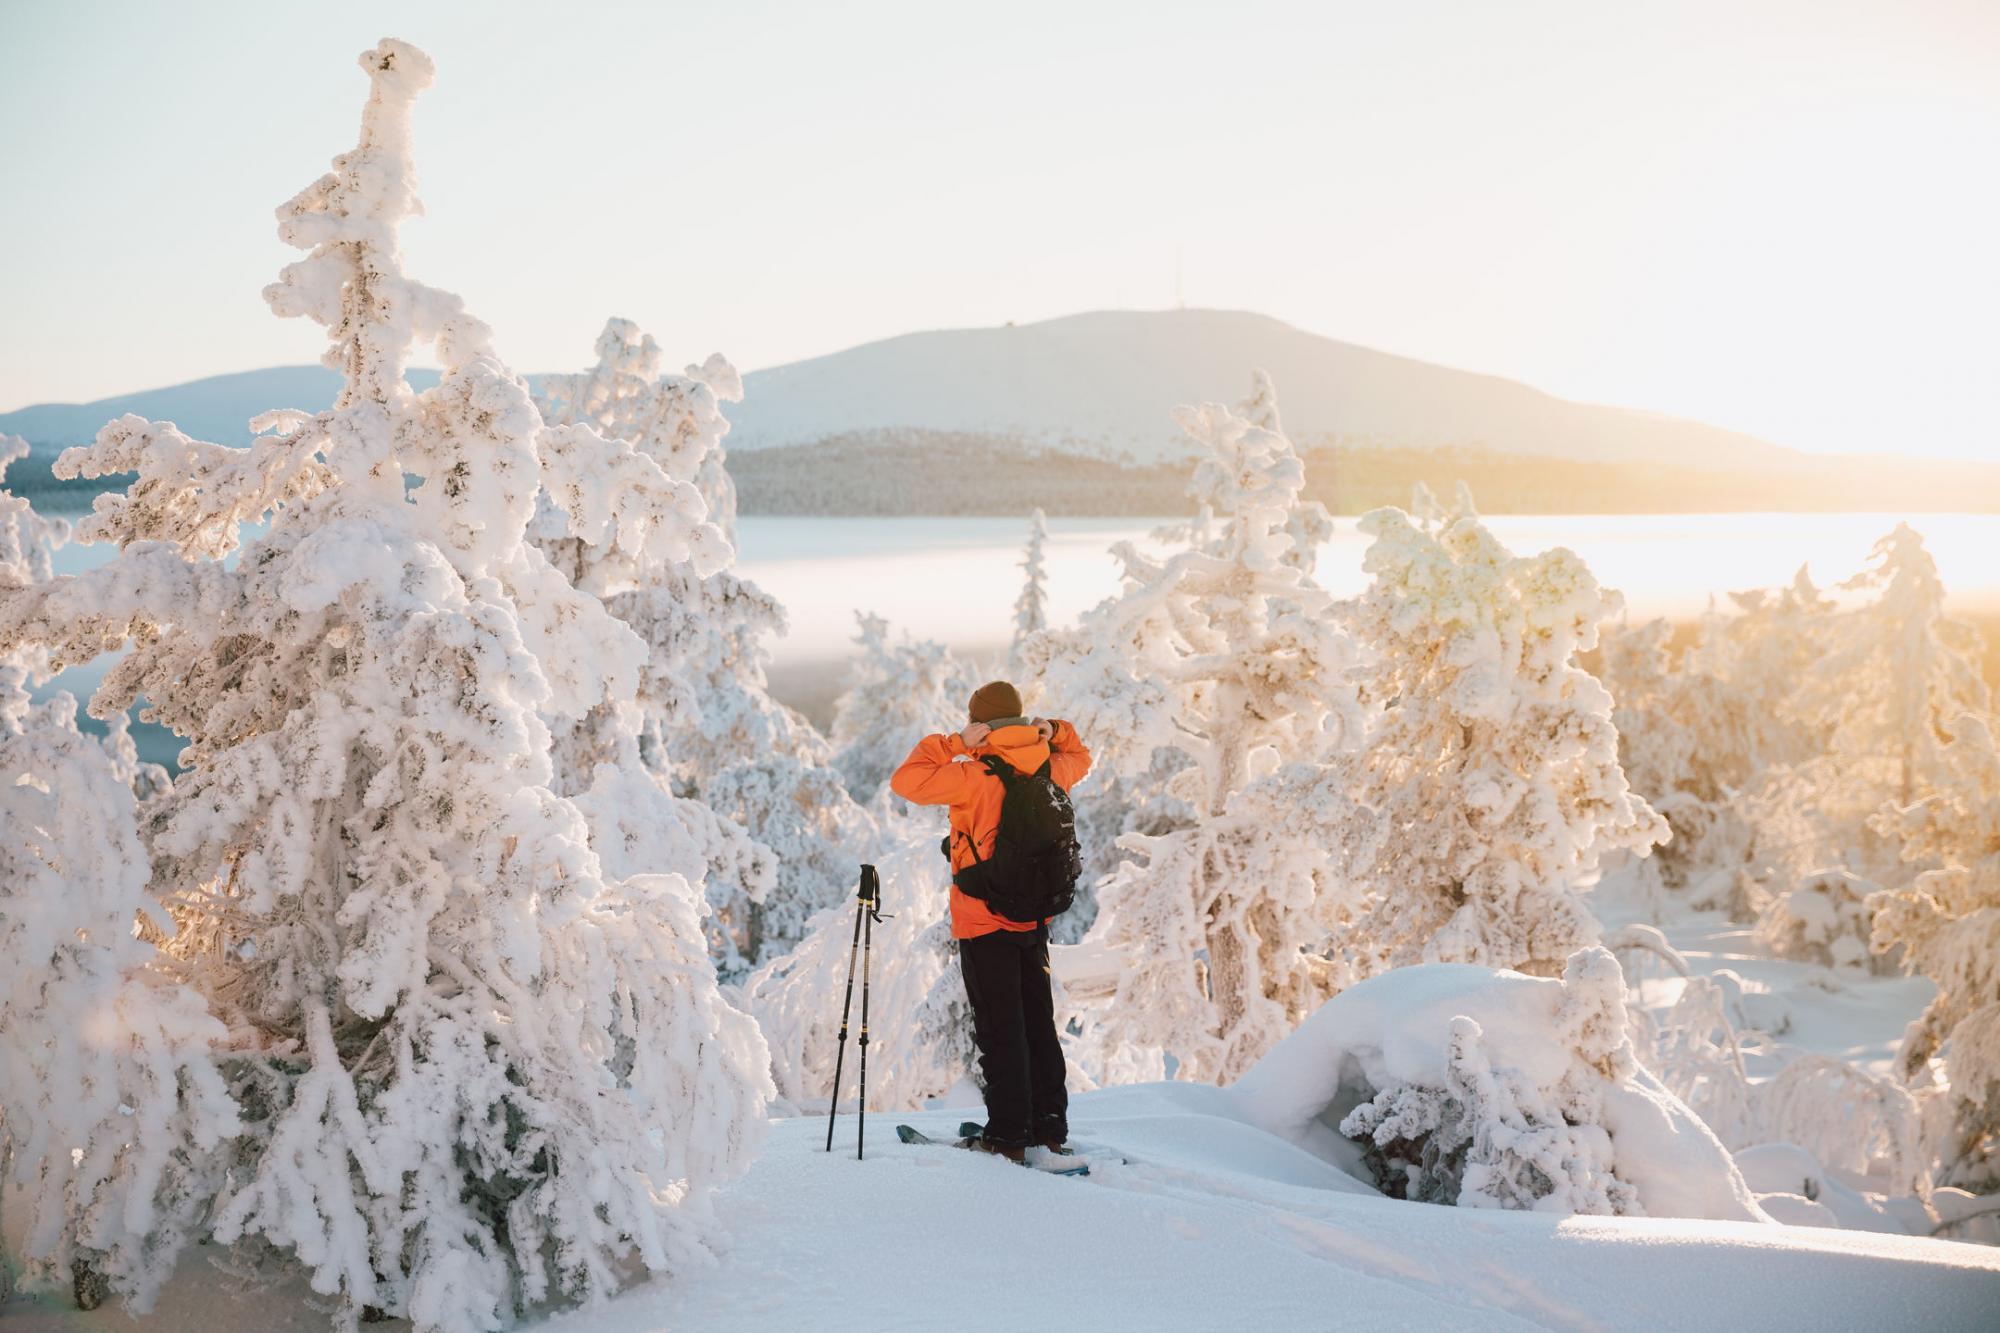 Finnlands Natur lädt zum Verweilen ein. | © Matt Cherubino / Visit Finland